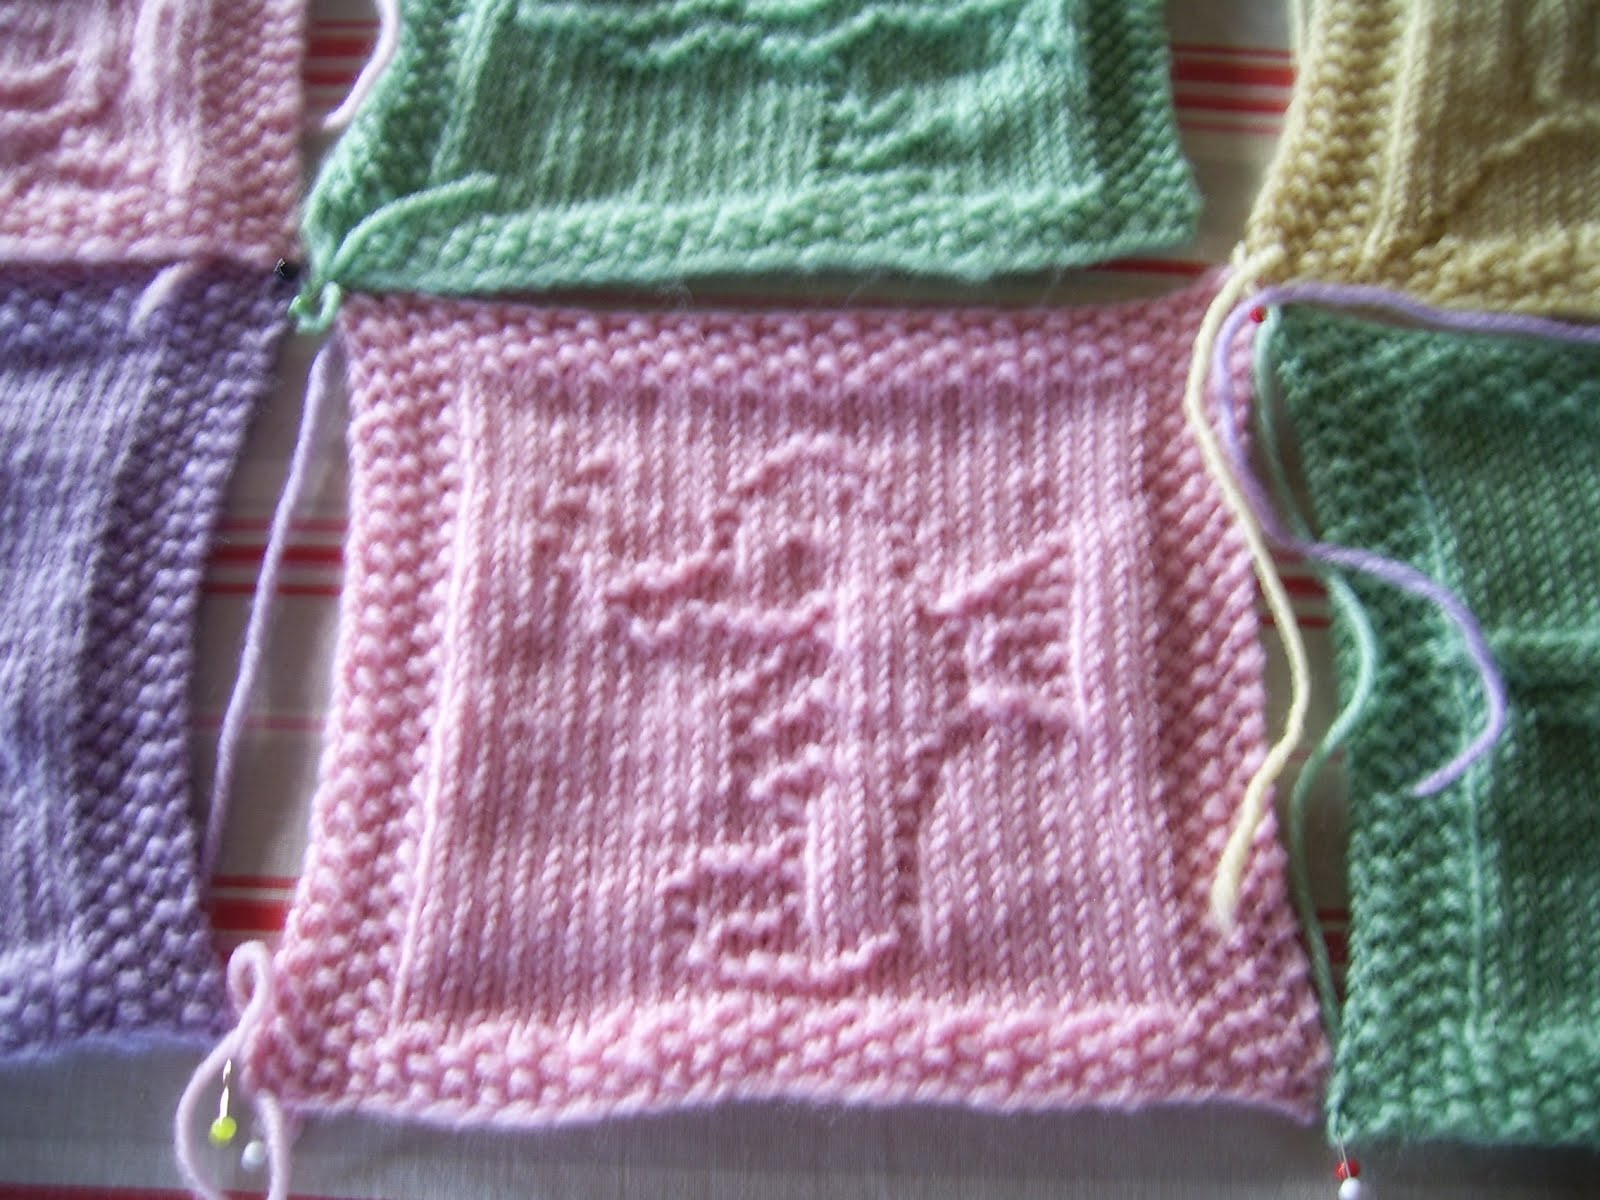 Wolldecke aus quadraten stricken : Bineshobbys nele s babydecke